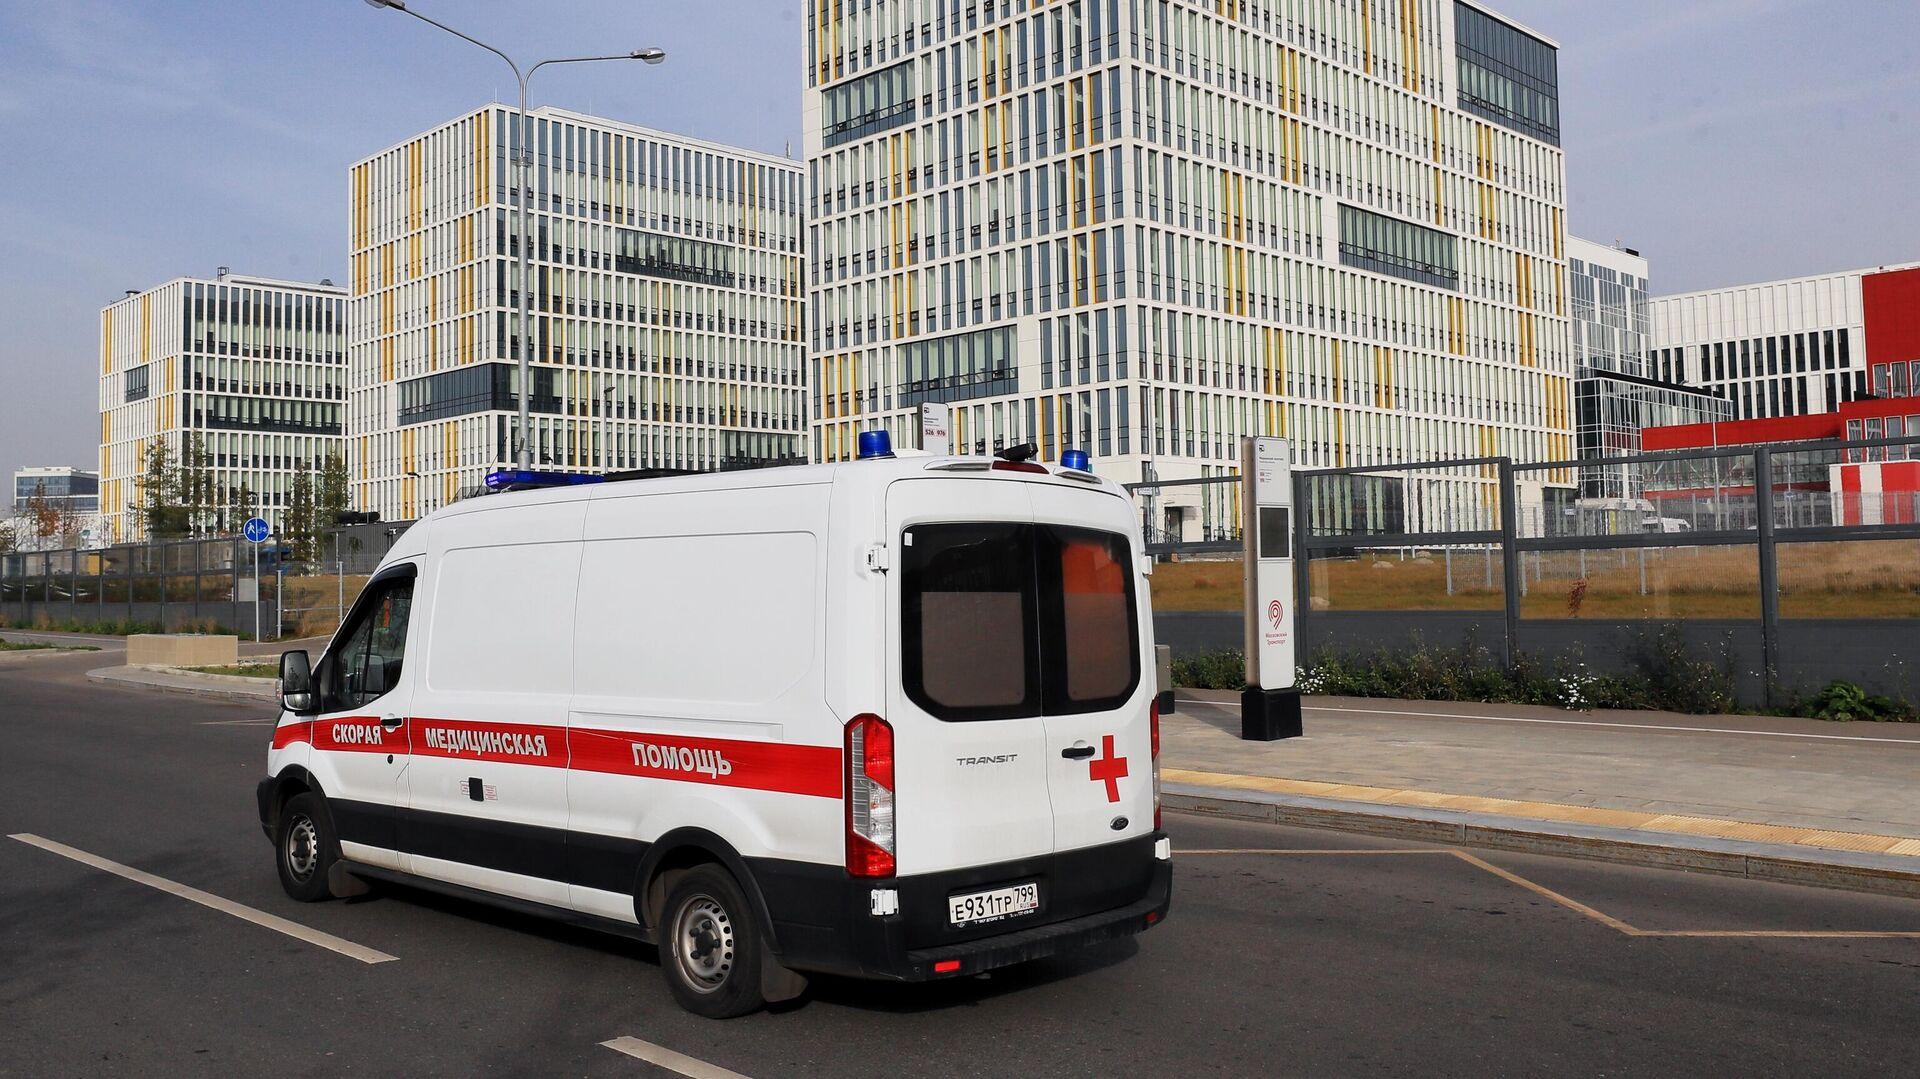 Машина скорой медицинской помощи возле карантинного центра в Коммунарке - РИА Новости, 1920, 09.11.2020